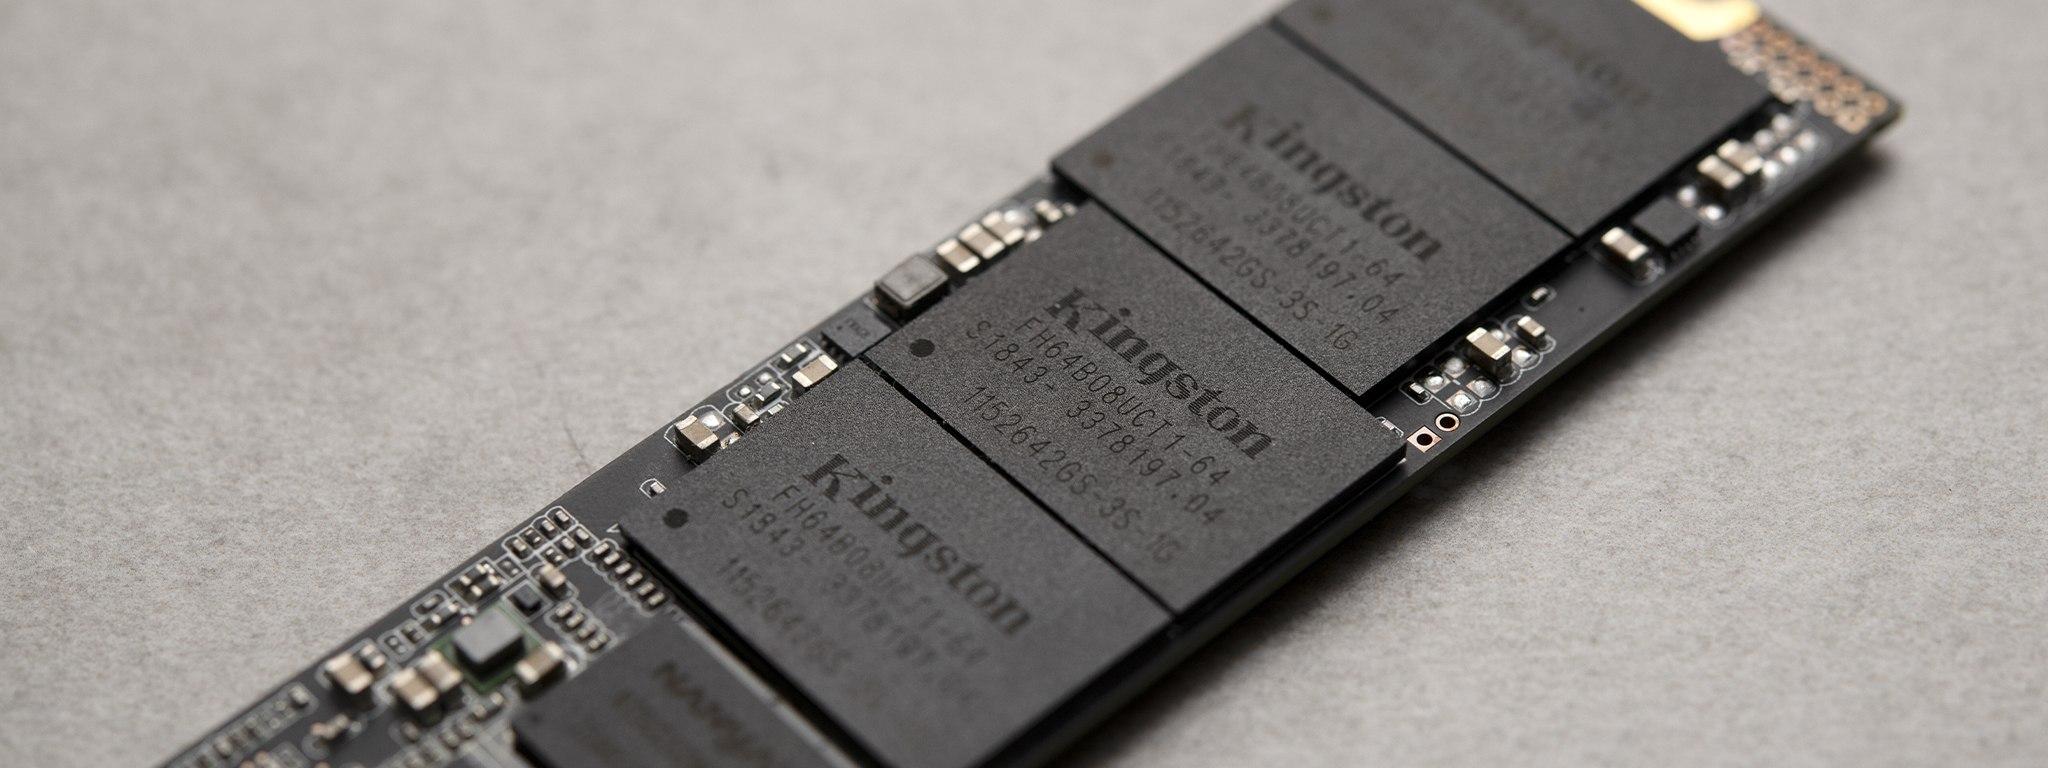 Bir Kingston NVMe SSD'deki yongaların yakından çekimi